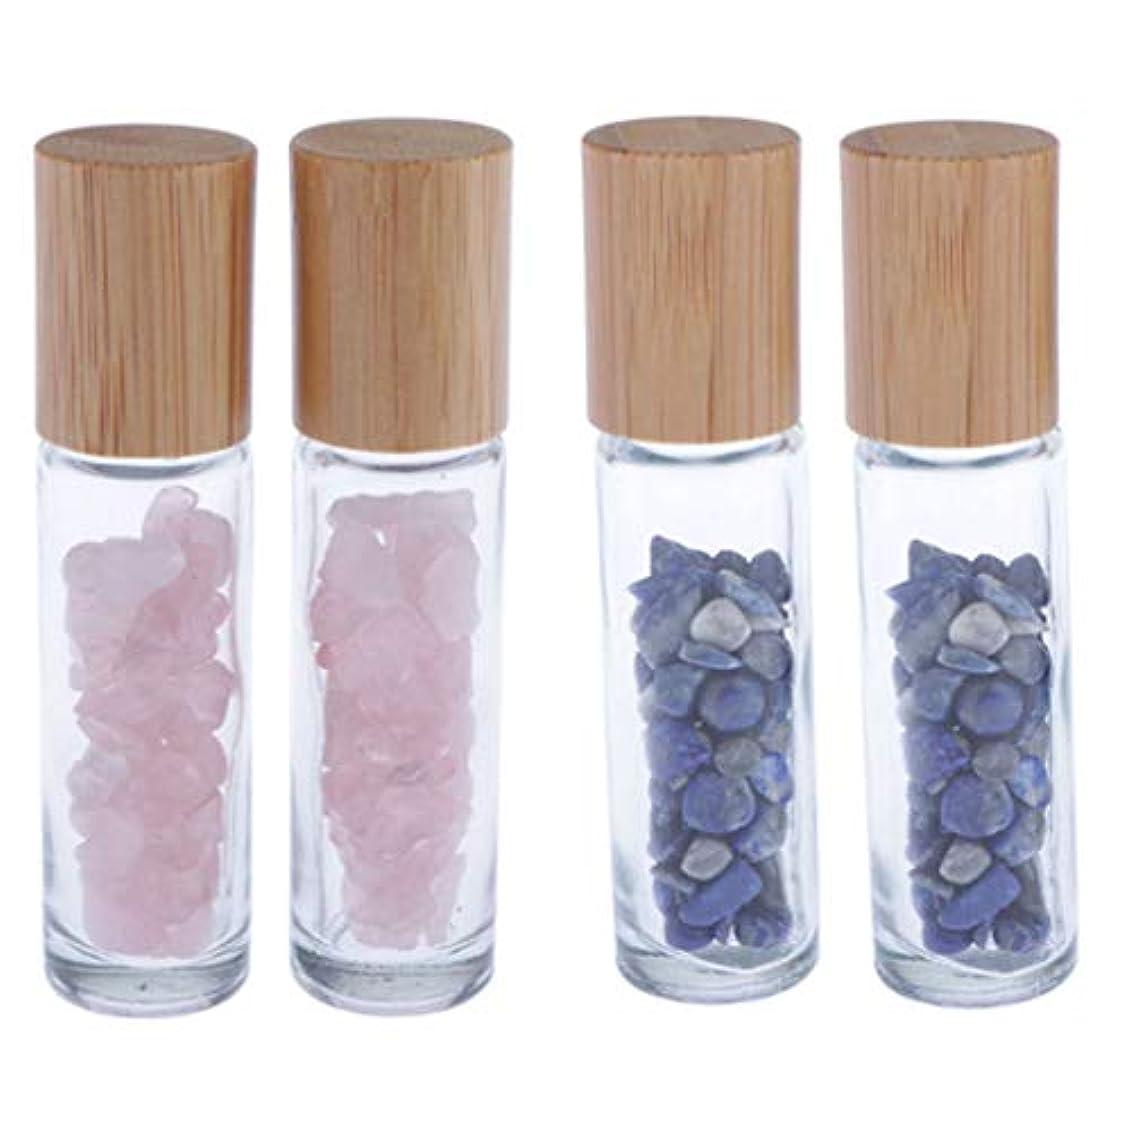 浅いコインランドリーフィクションchiwanji 香水瓶 ガラス ローラーボールボトル エッセンシャルオイルボトル 香水瓶 4個入り